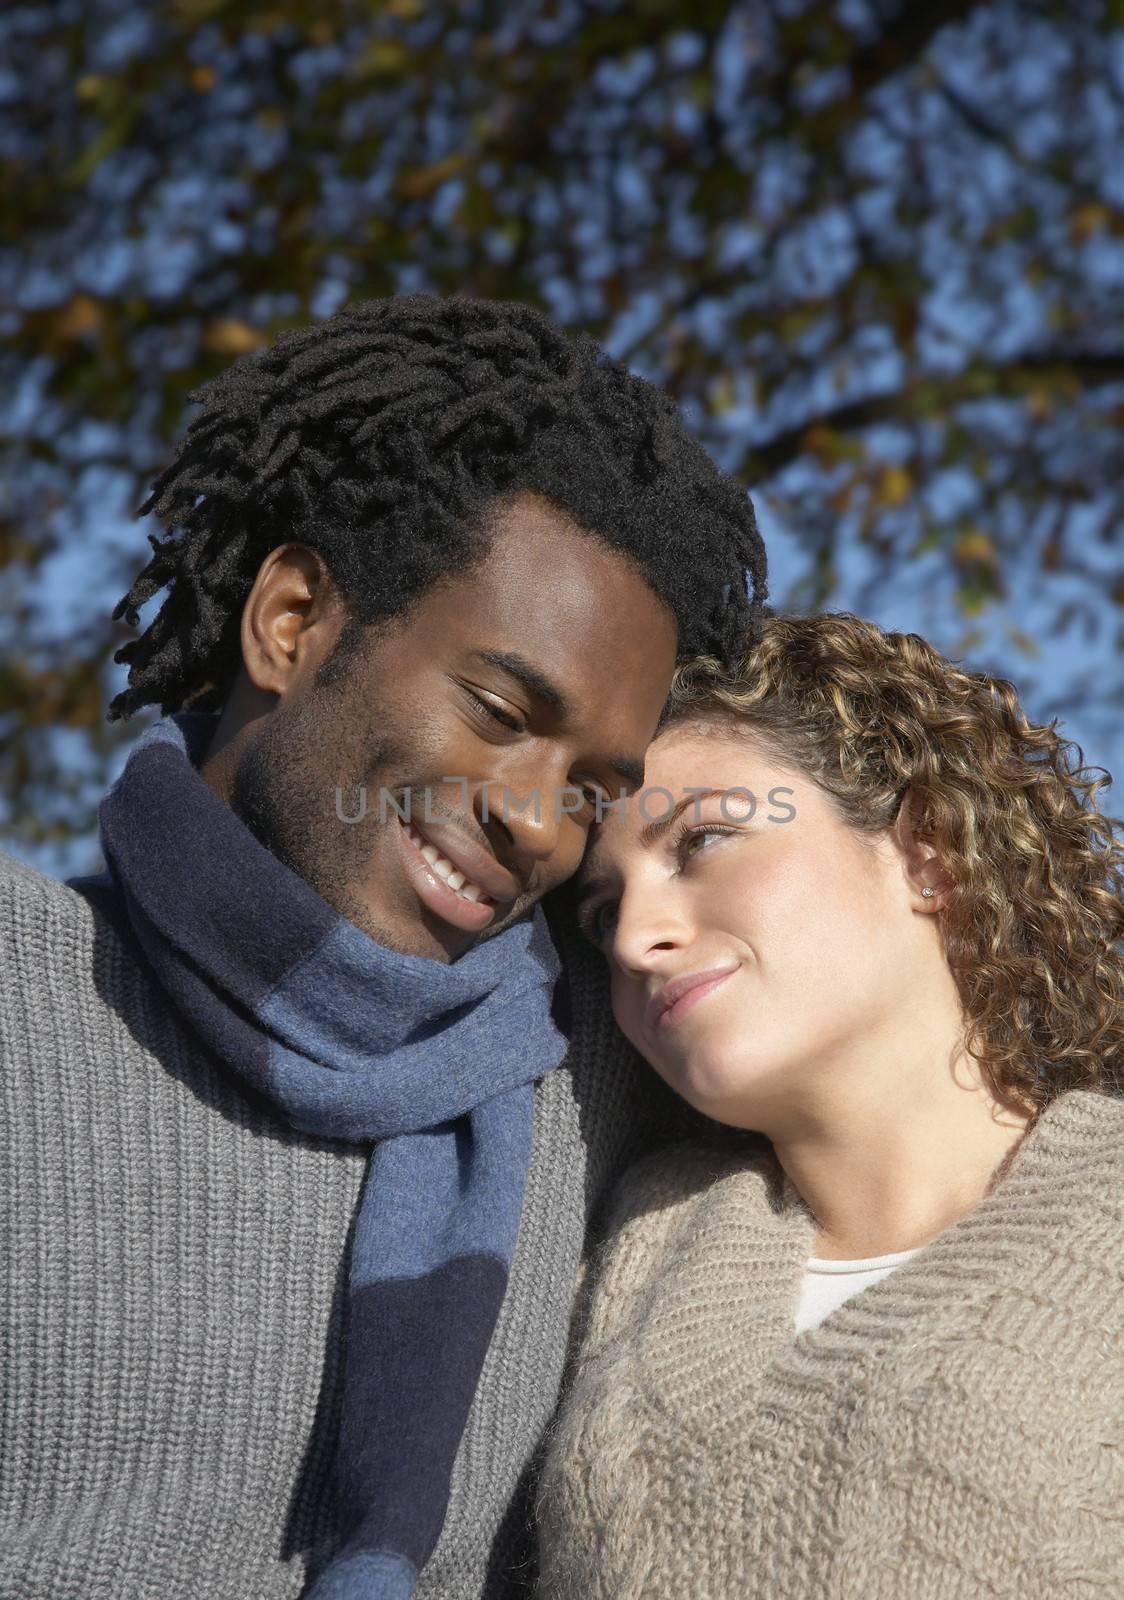 Romantic Couple At Park